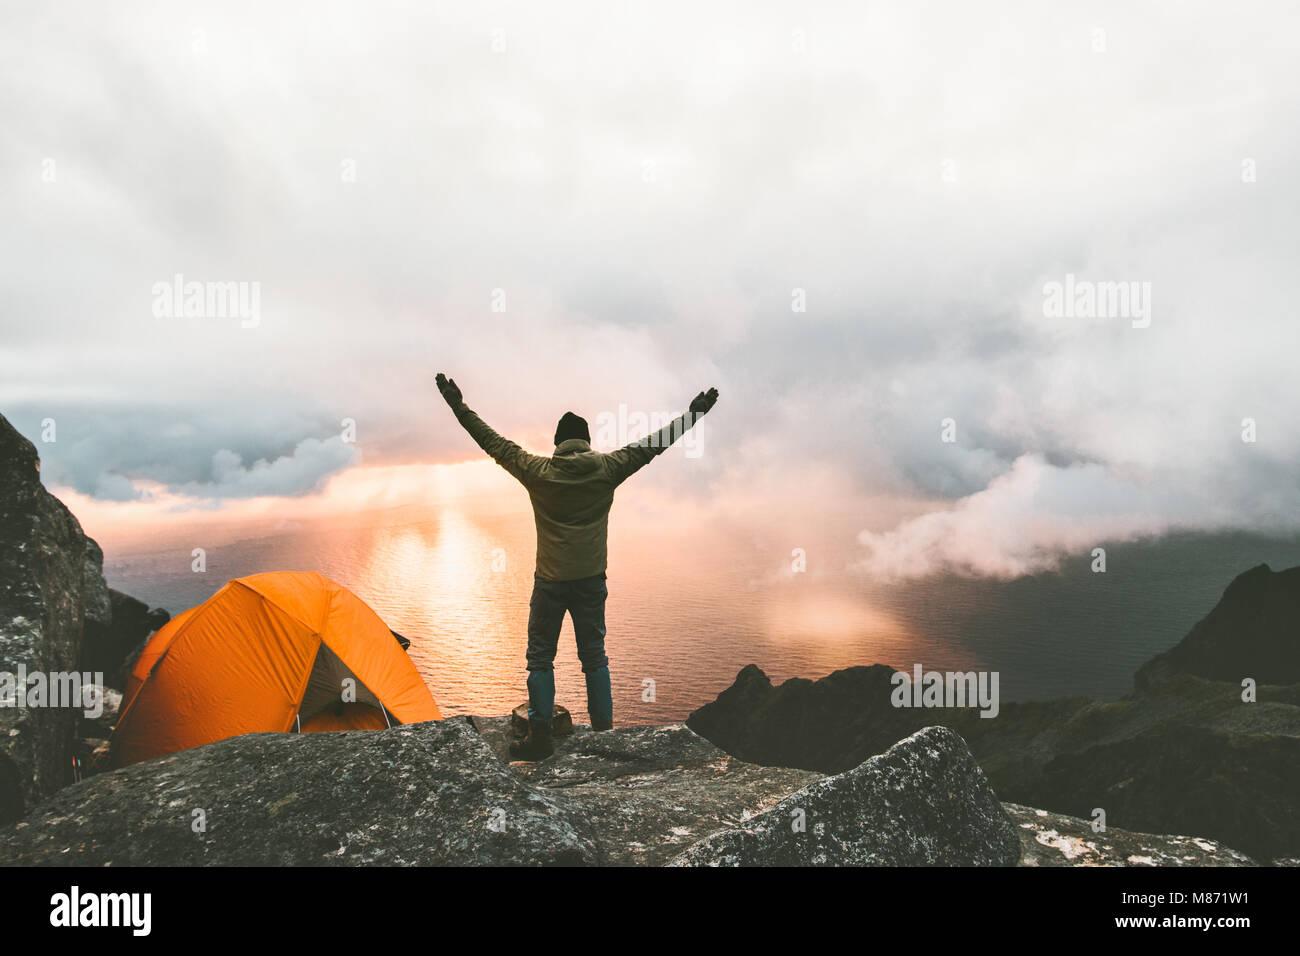 L'uomo viandante felice alzare le mani sulla cima della montagna in prossimità di tende da campeggio outdoor Immagini Stock